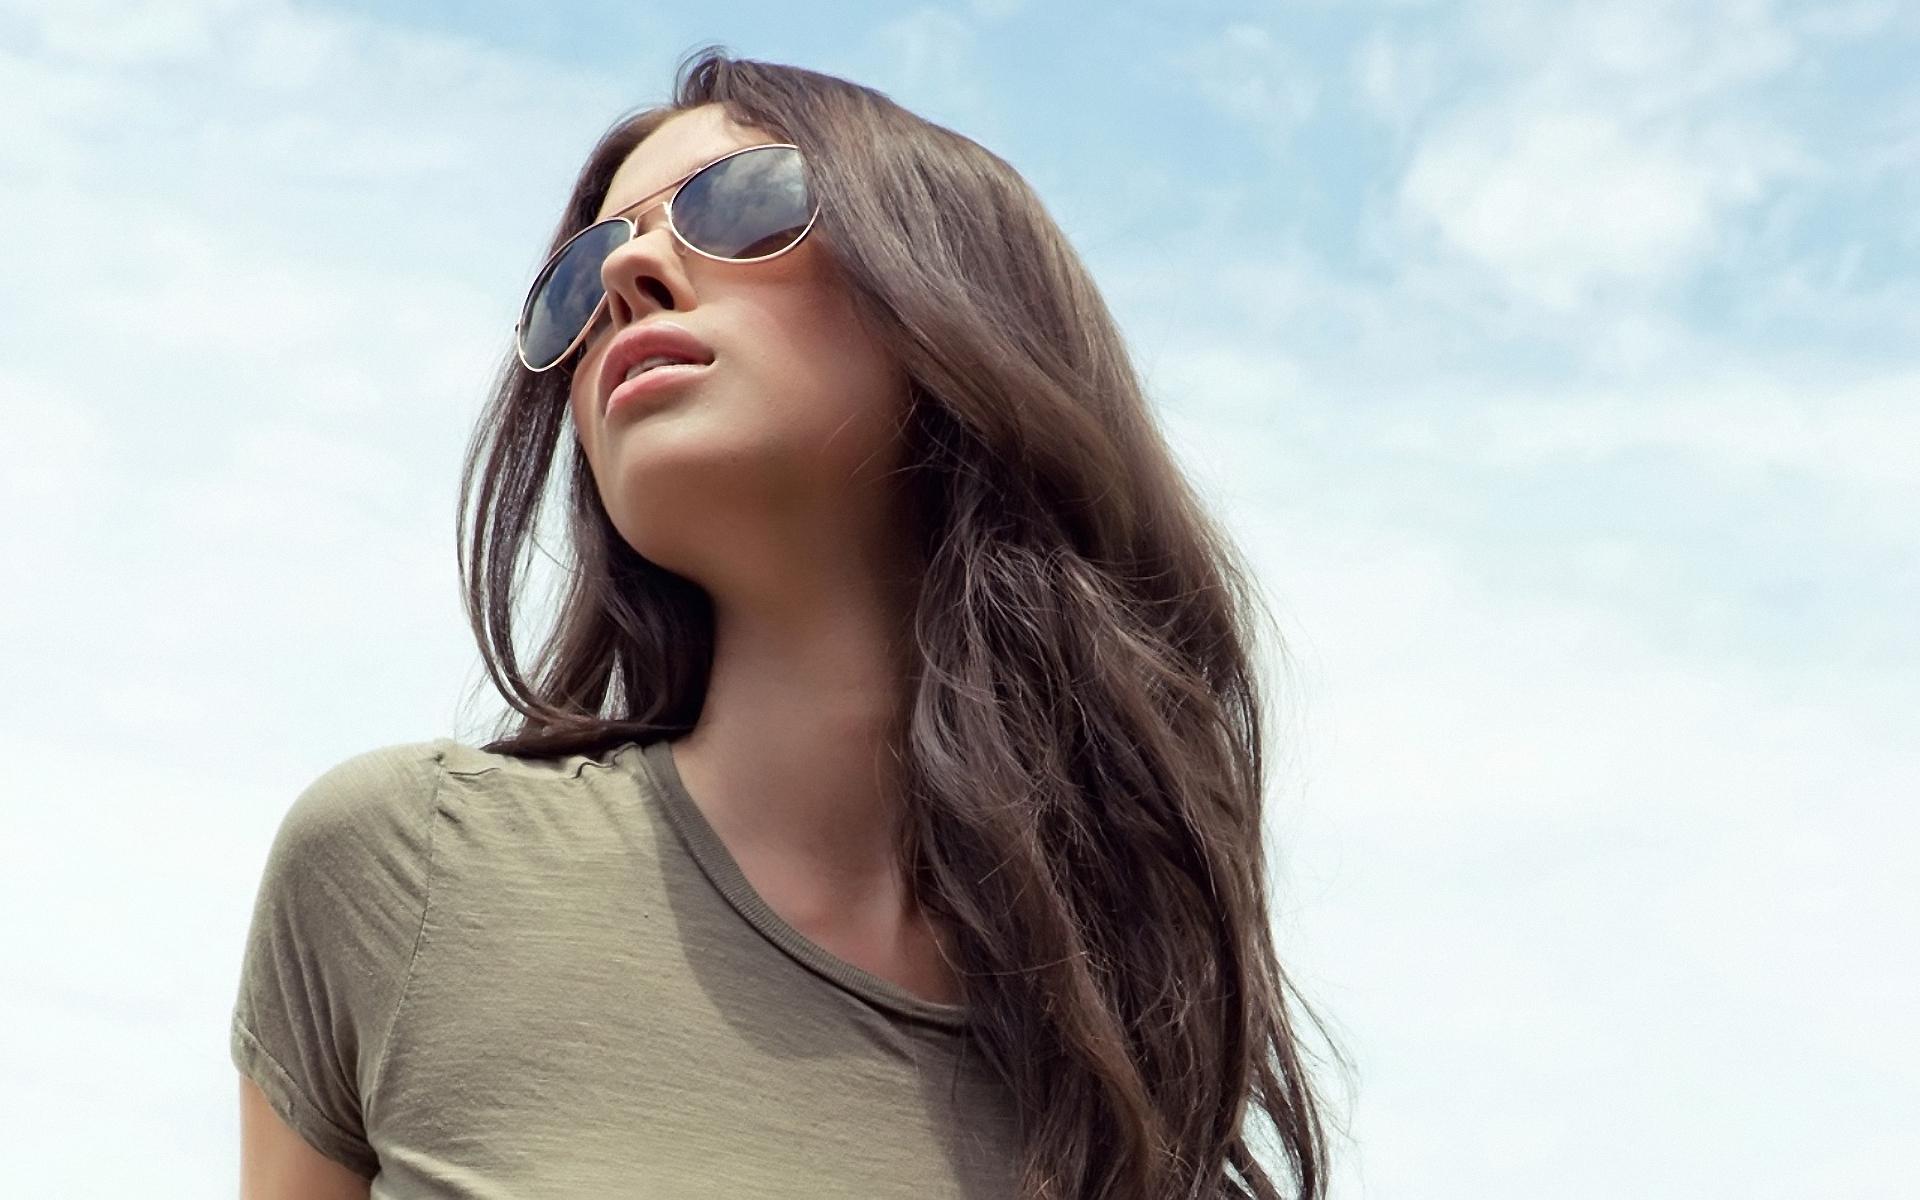 Фото простой девушки брюнетки в очках